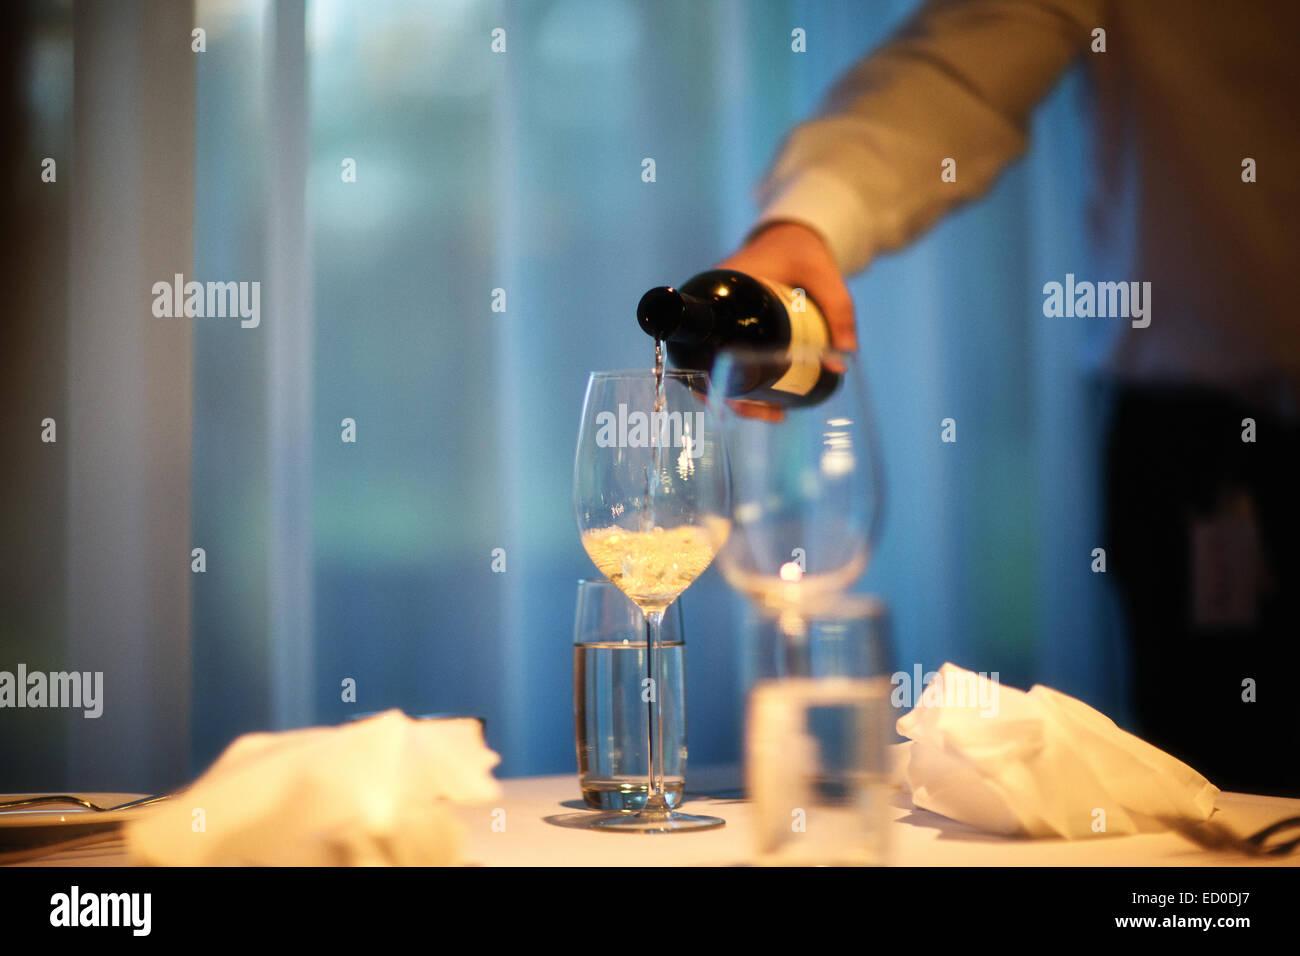 Captura recortada del hombre en la habitación vertiendo vino blanco wineglass Imagen De Stock